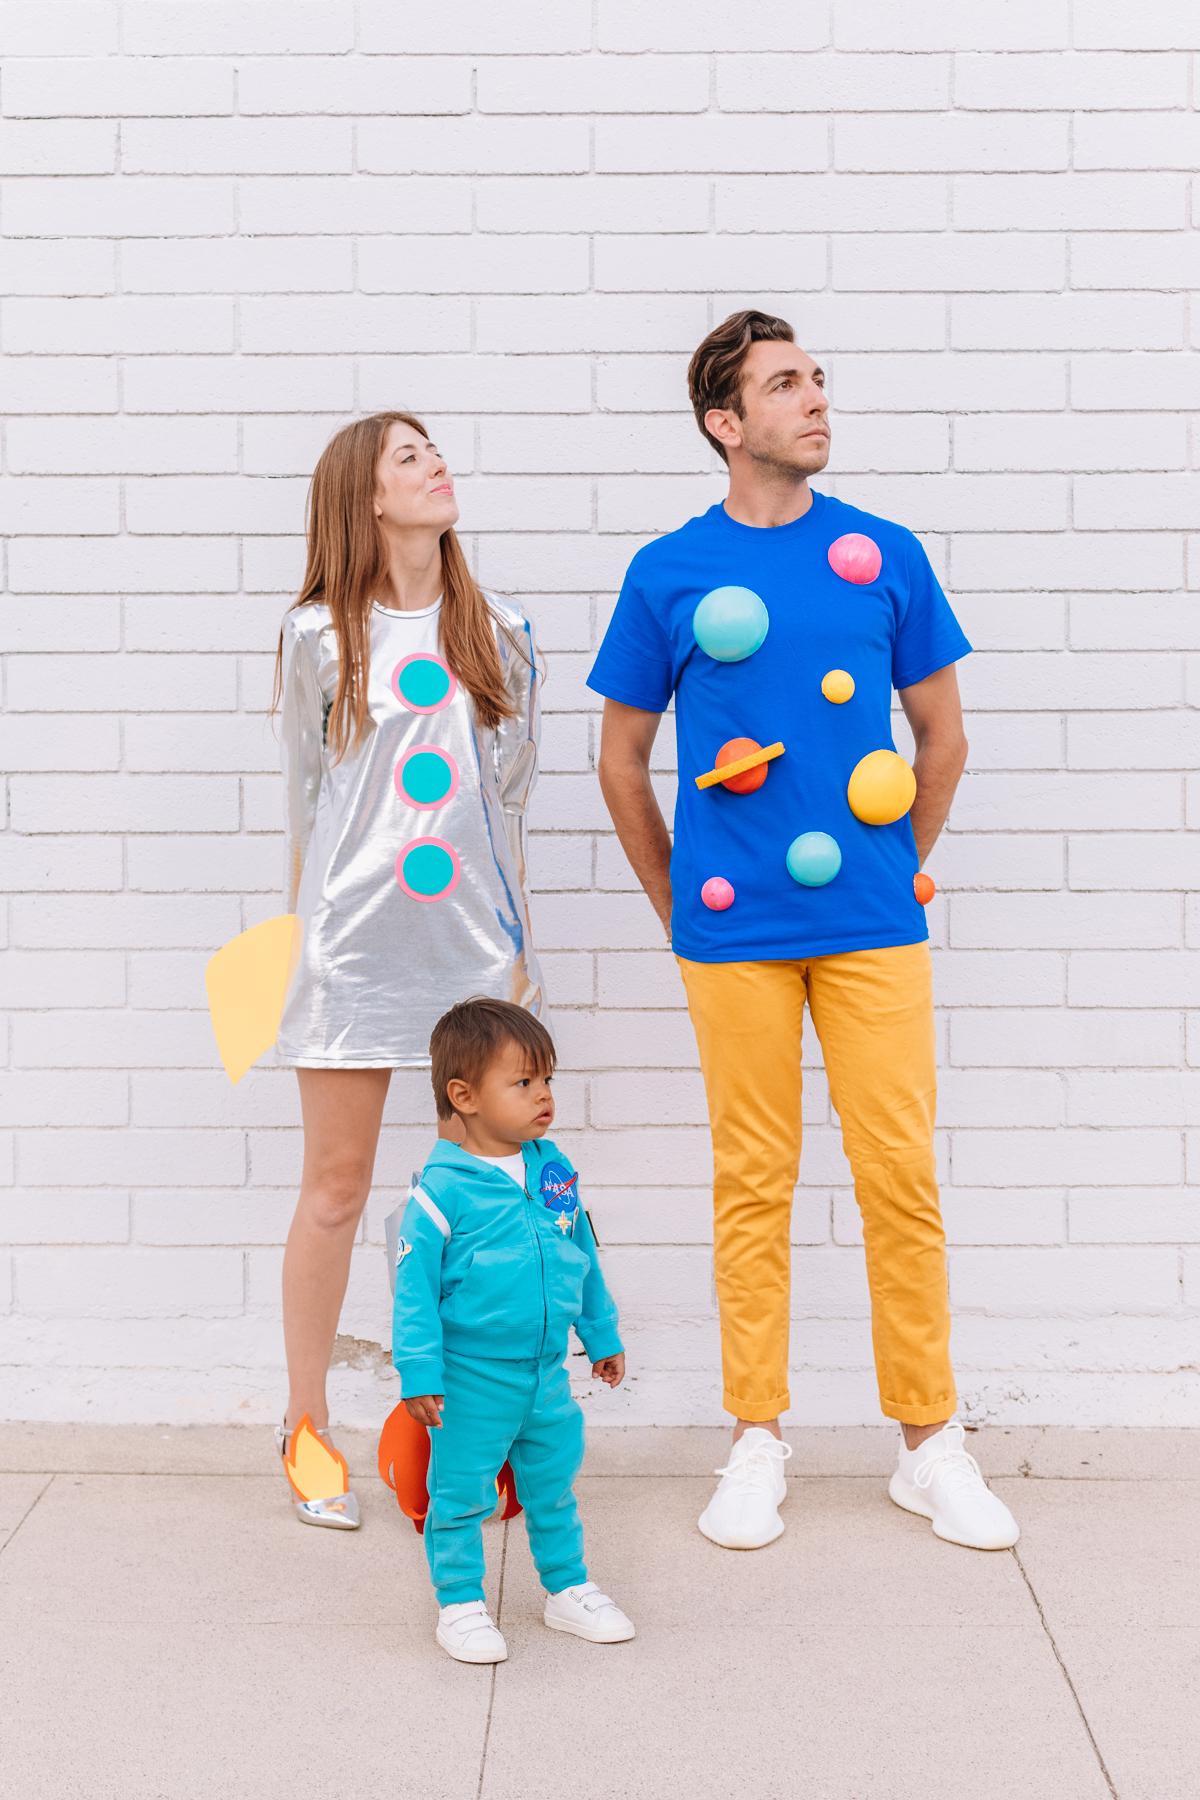 déguisement diy famille costume espace nasa planète étoile fusée original